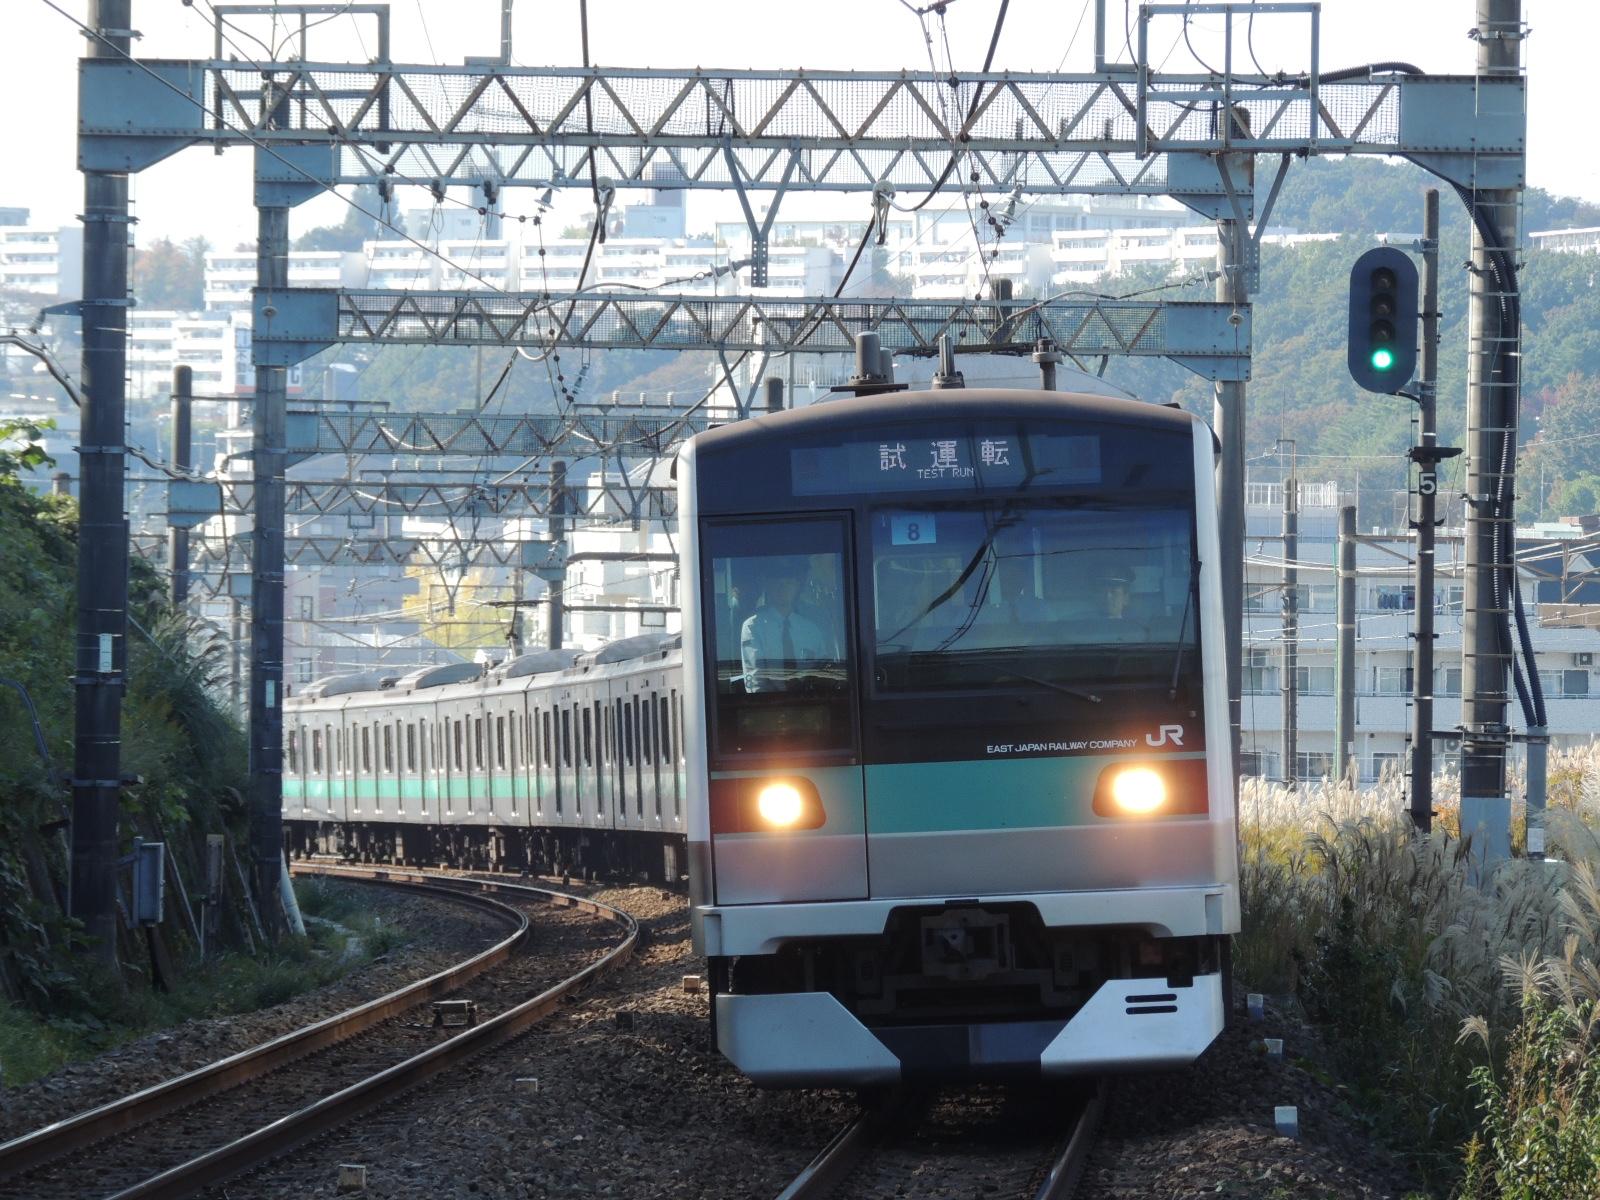 DSCN4216.jpg